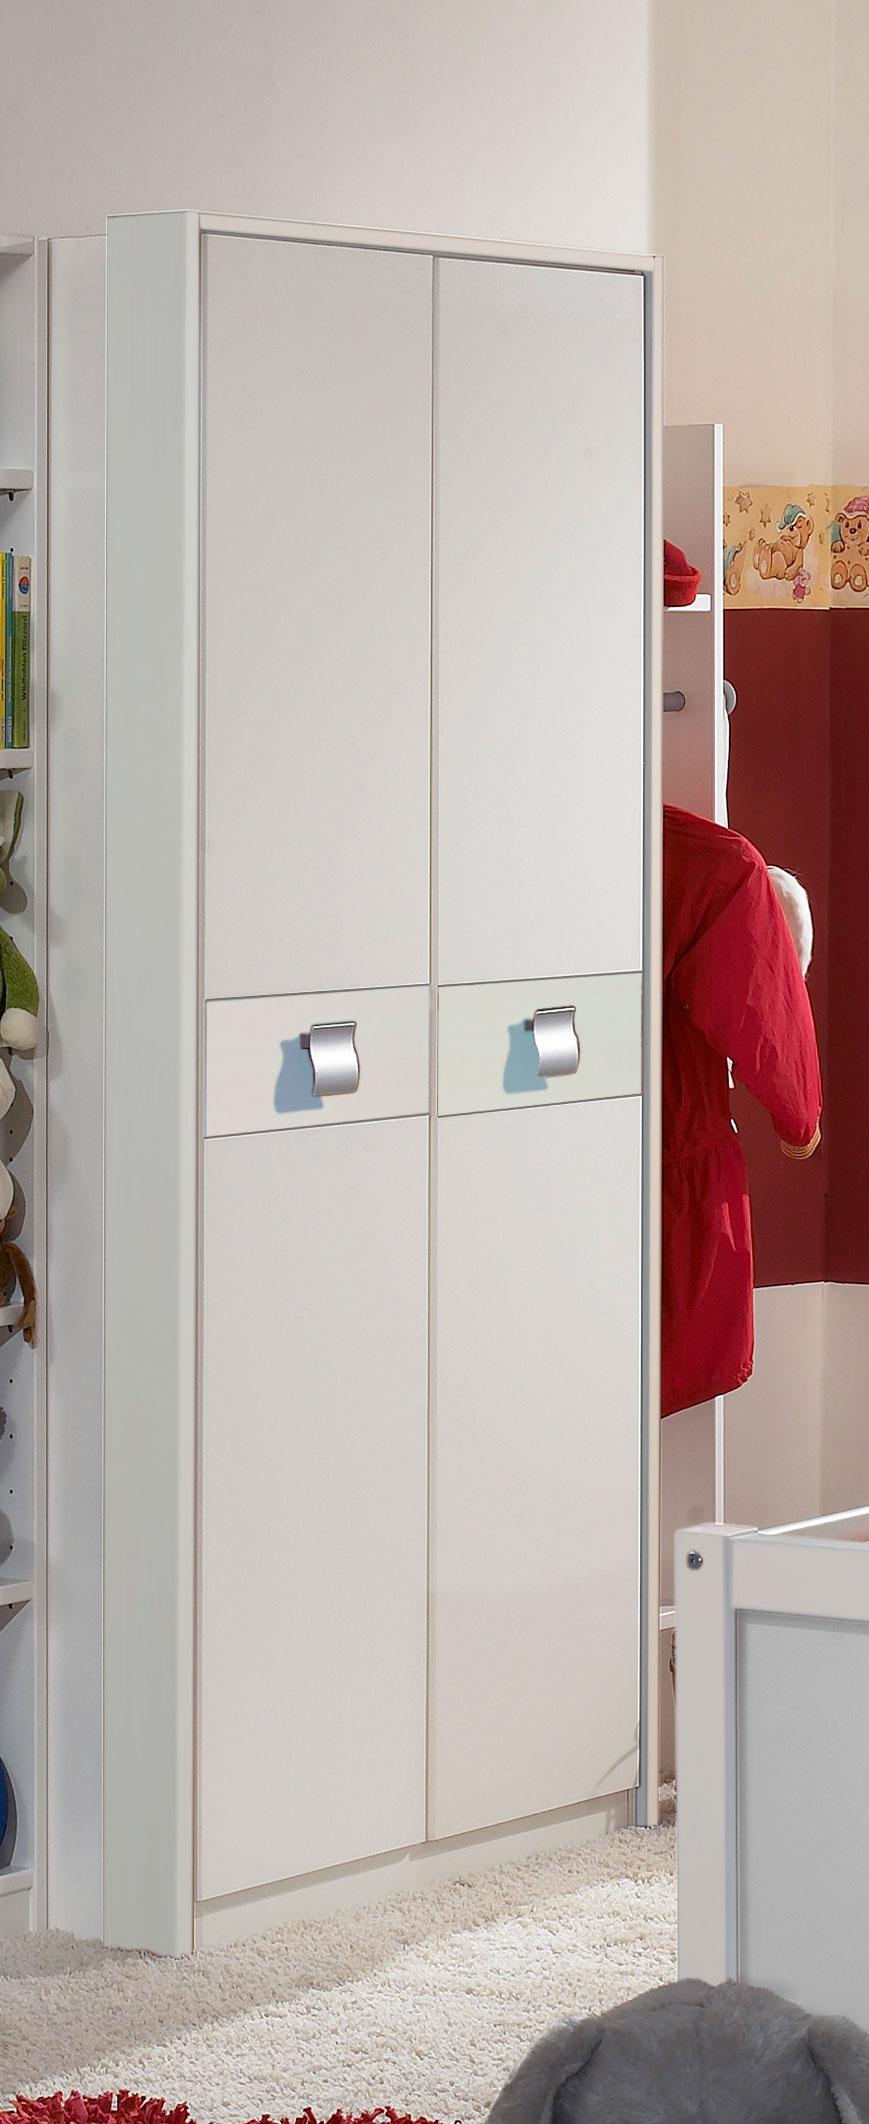 Armoire enfant contemporaine blanche 2 portes Alouette